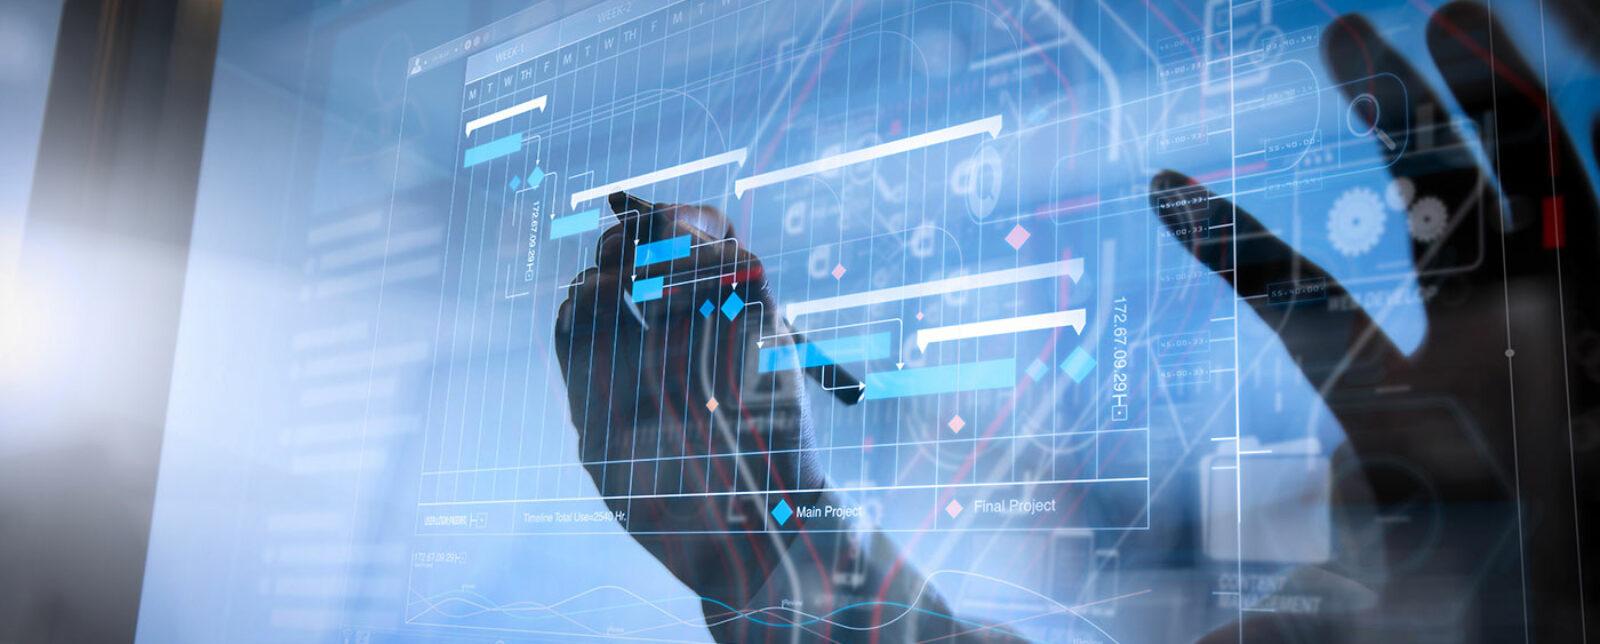 Une gestion de portefeuille de projets Recherche et Innovation optimisée pour une réduction du Time-to-Market